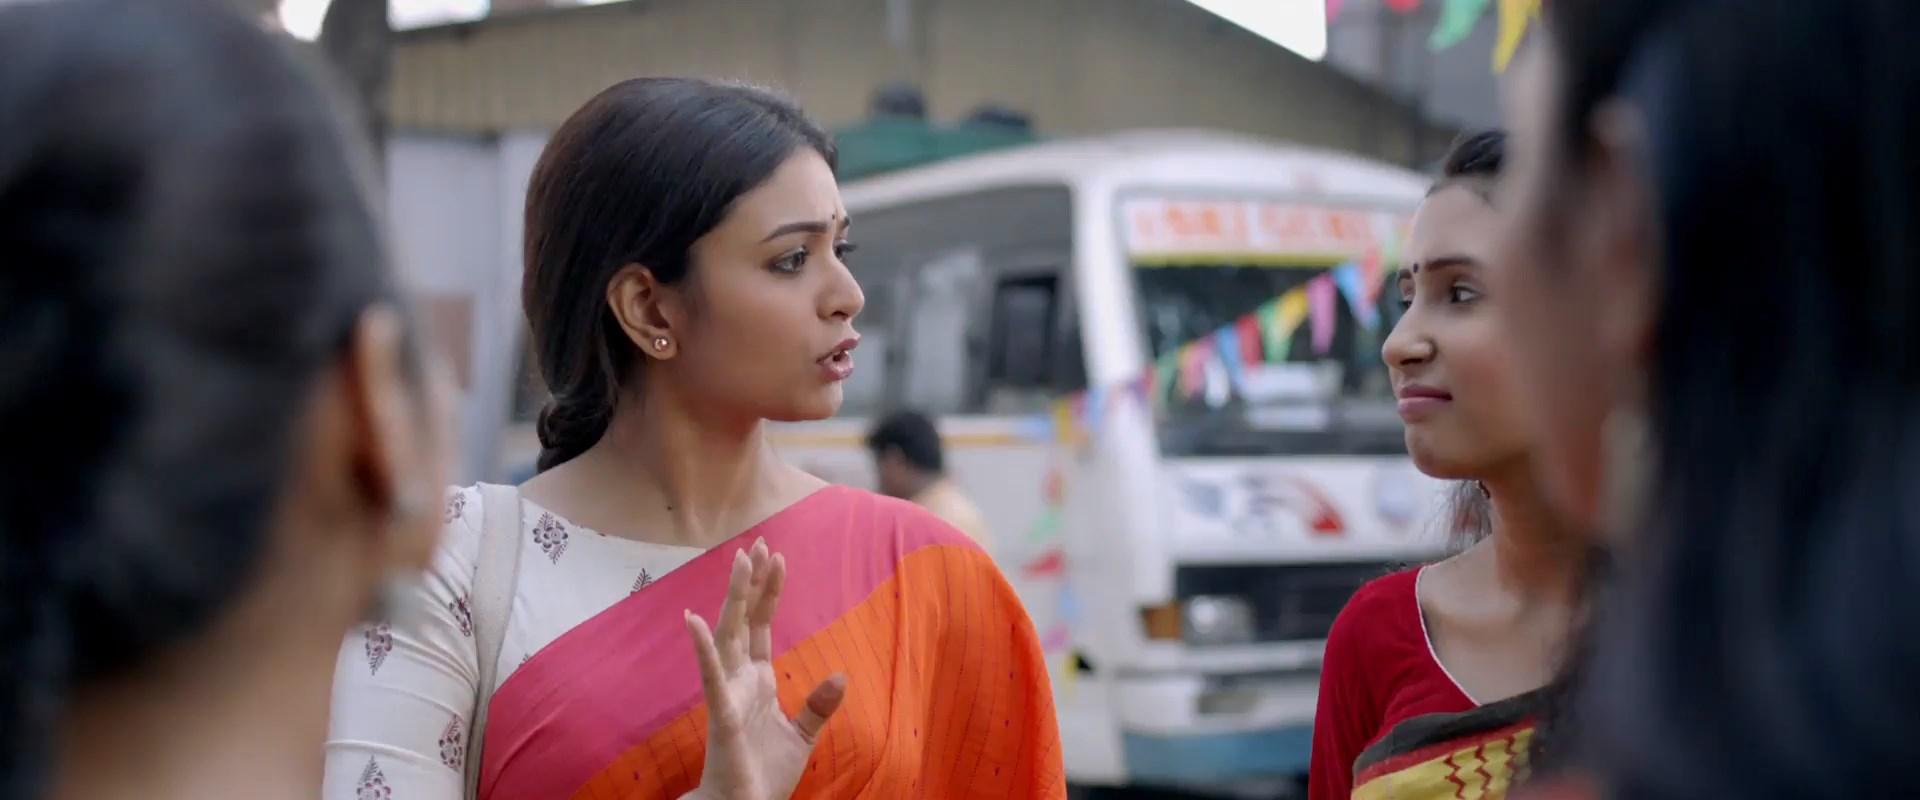 Brahma Janen Gopon Kommoti 2021 Bengali 1080p HDRip 1.8GB.mkv snapshot 00.04.39.019